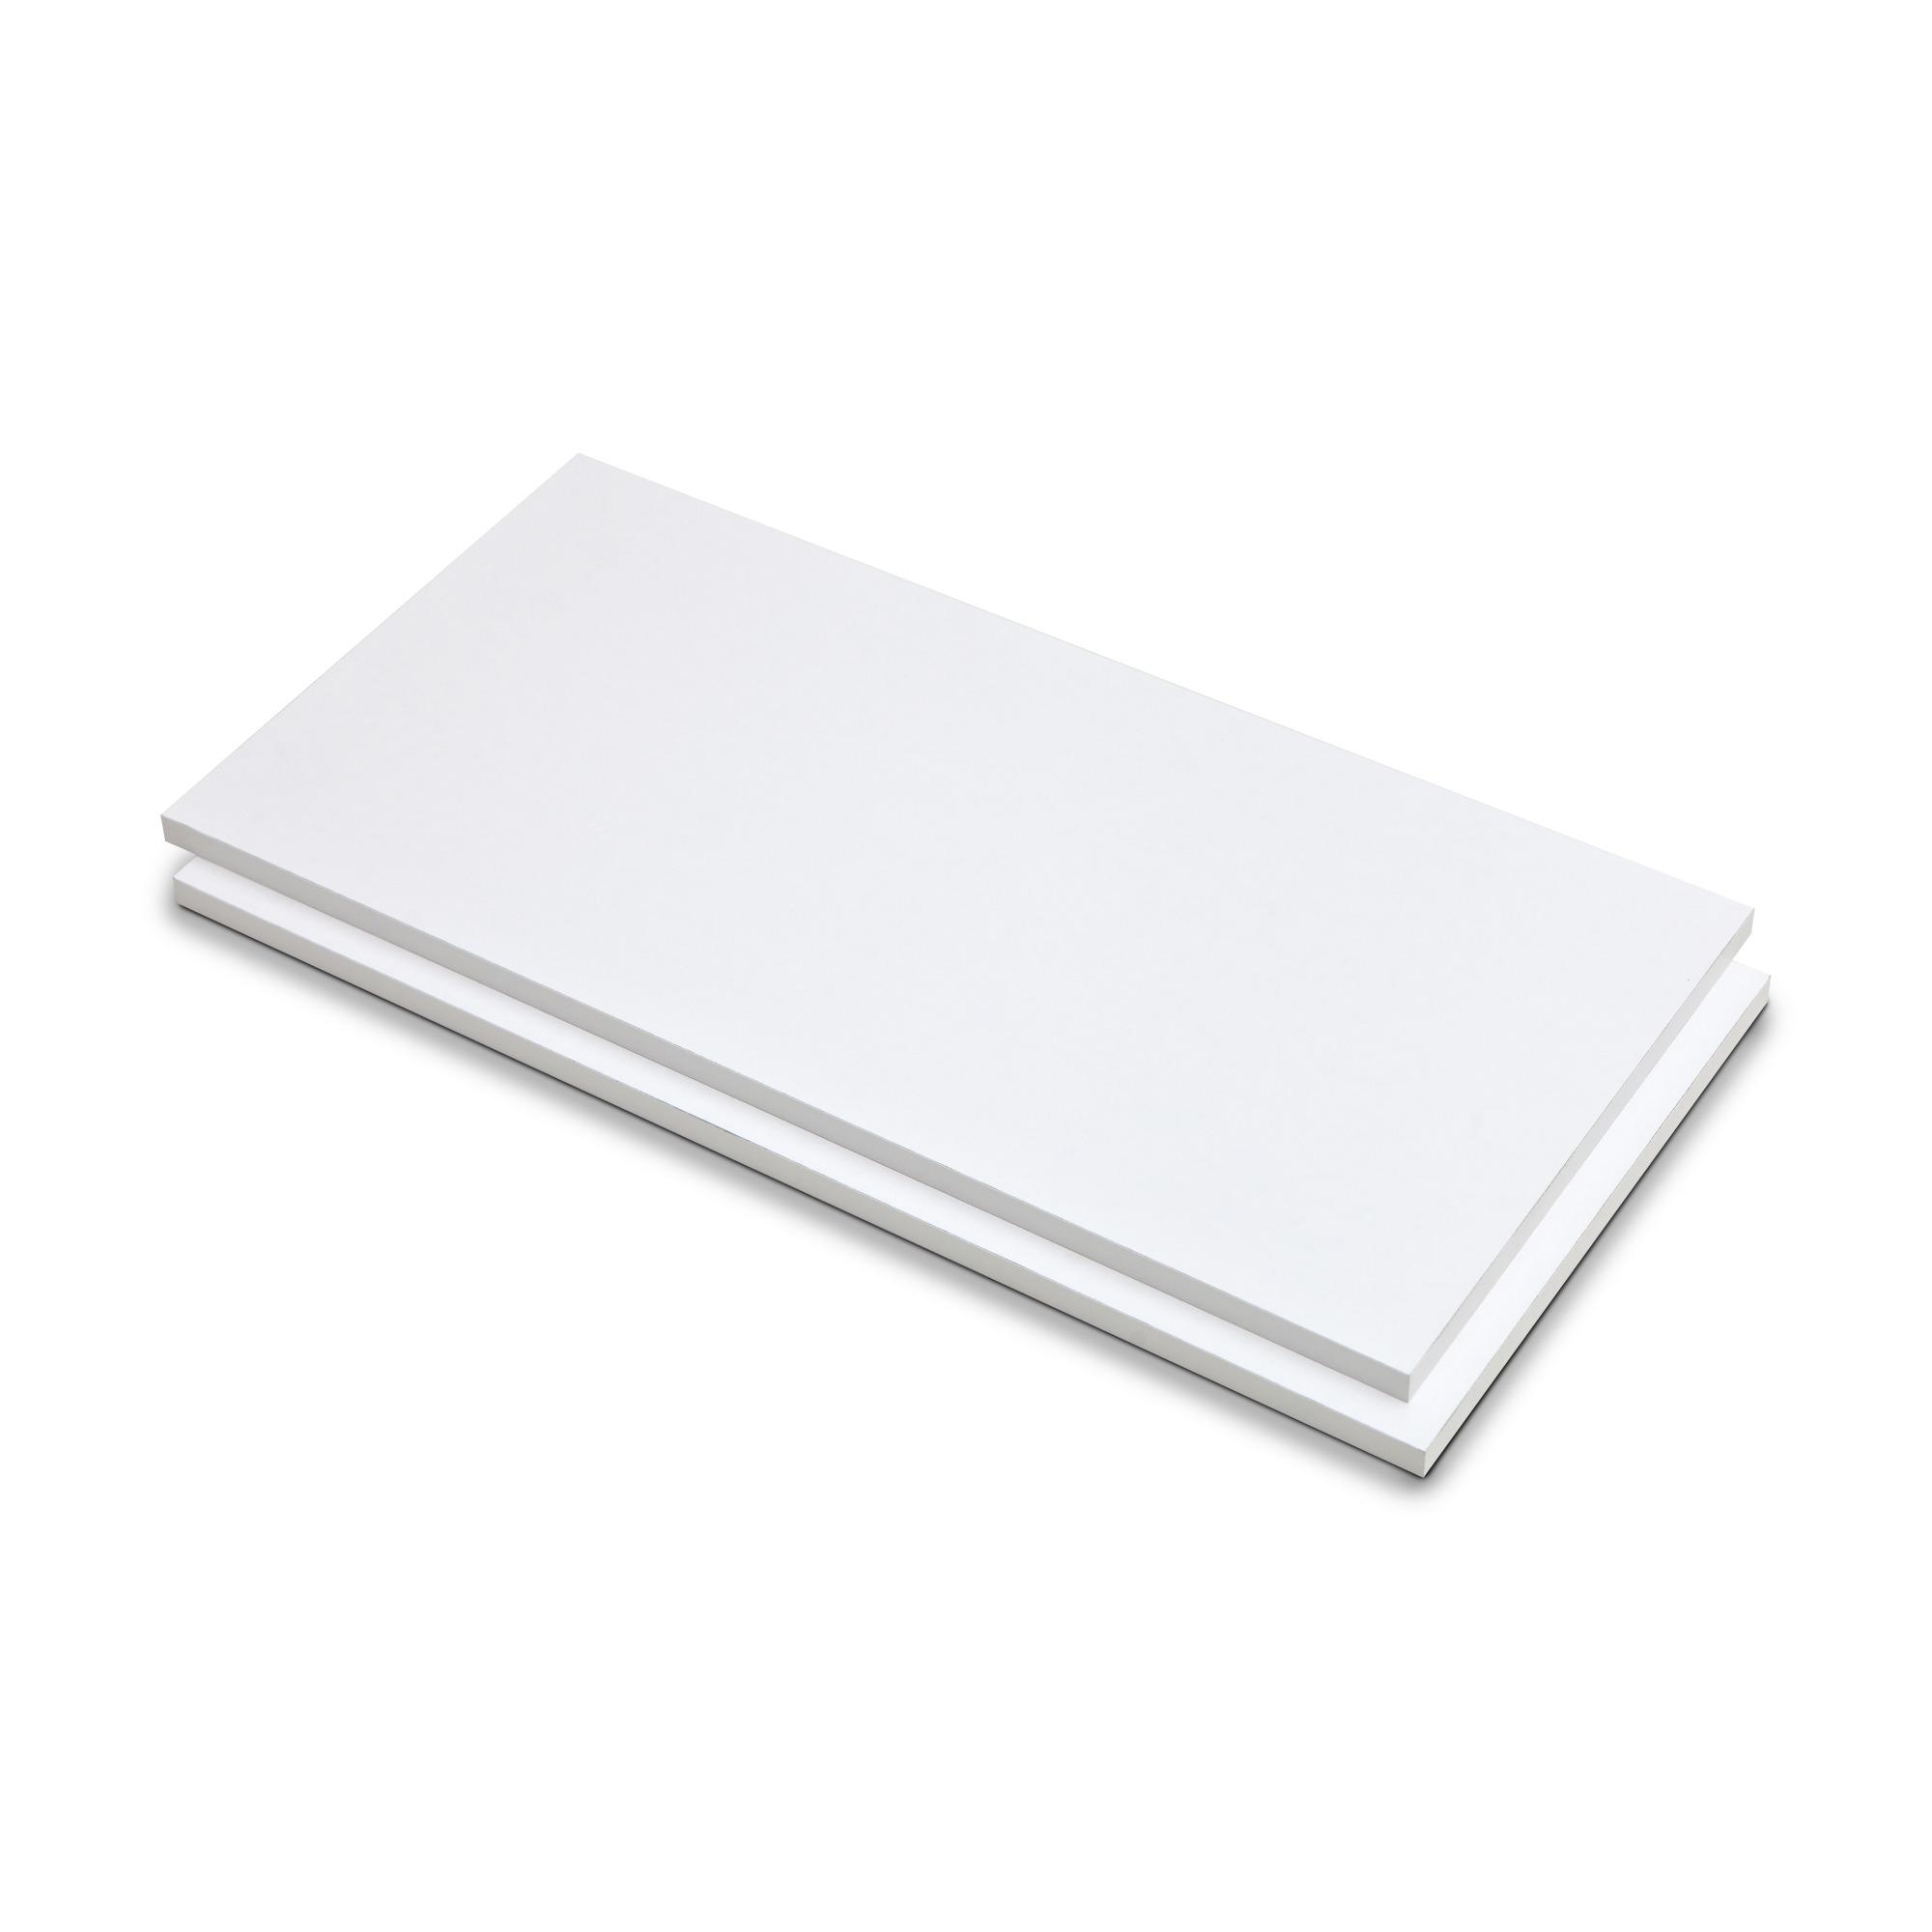 Prateleira de Madeira 40 x 2 x 15cm Branco - Fico